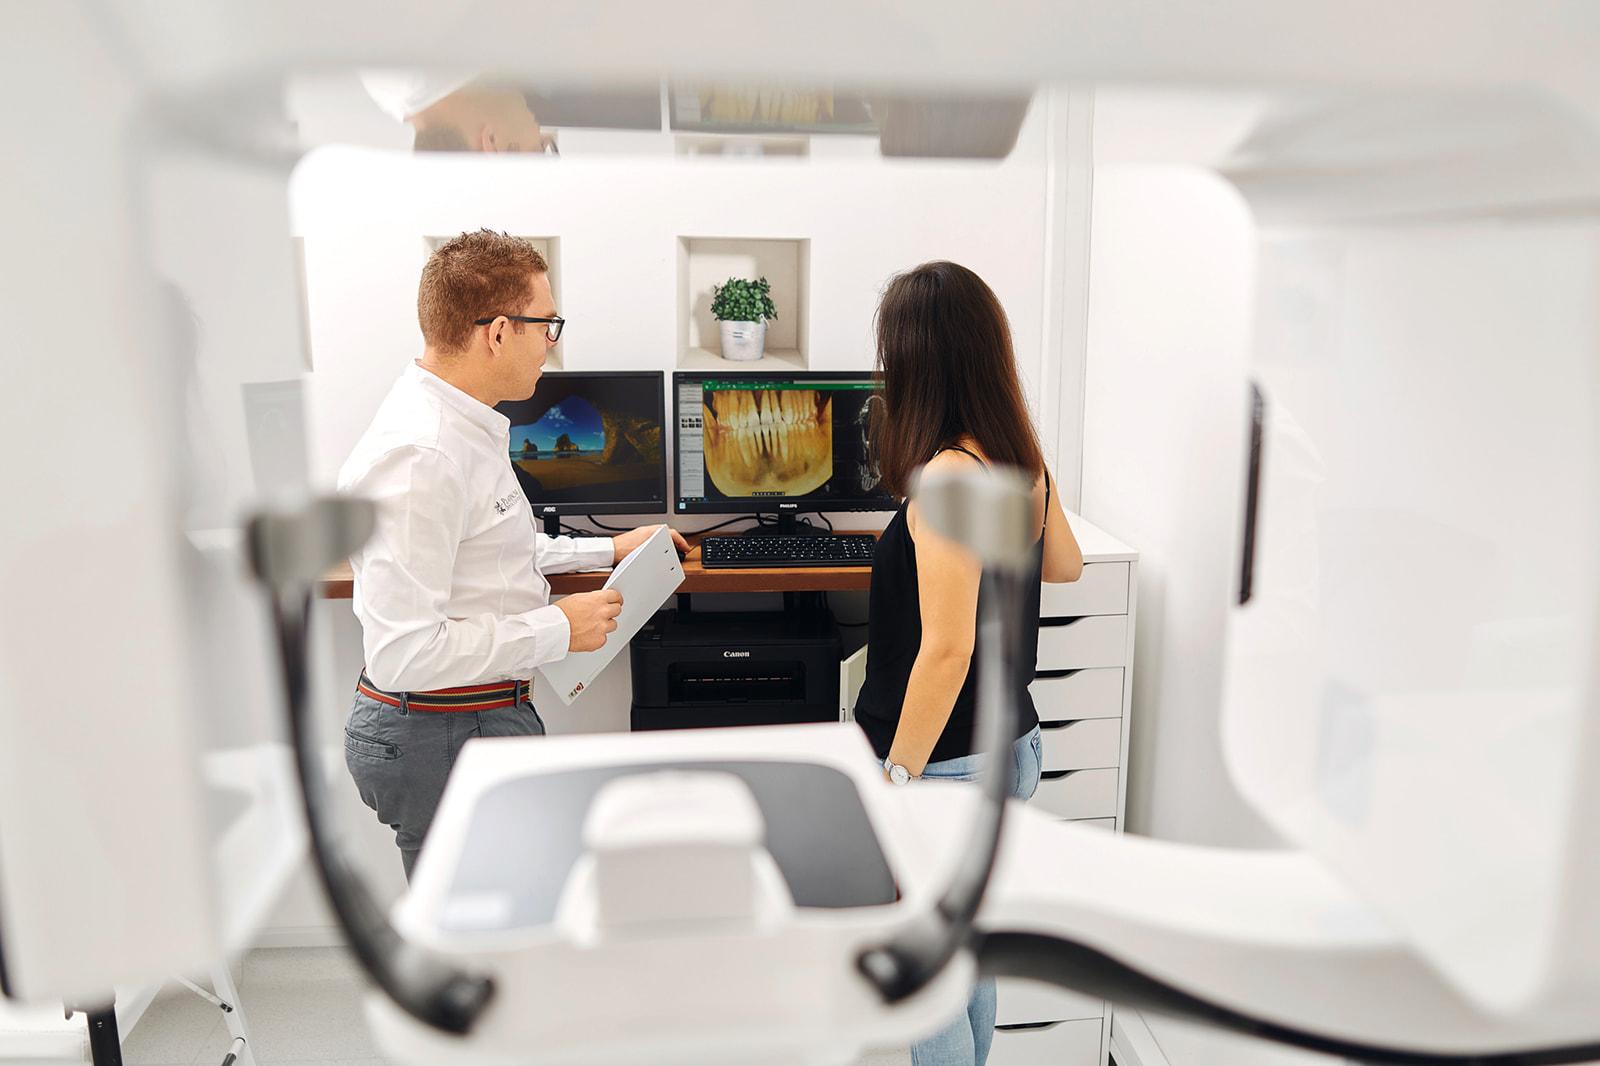 Acasa 2 - Platinum Dental Center